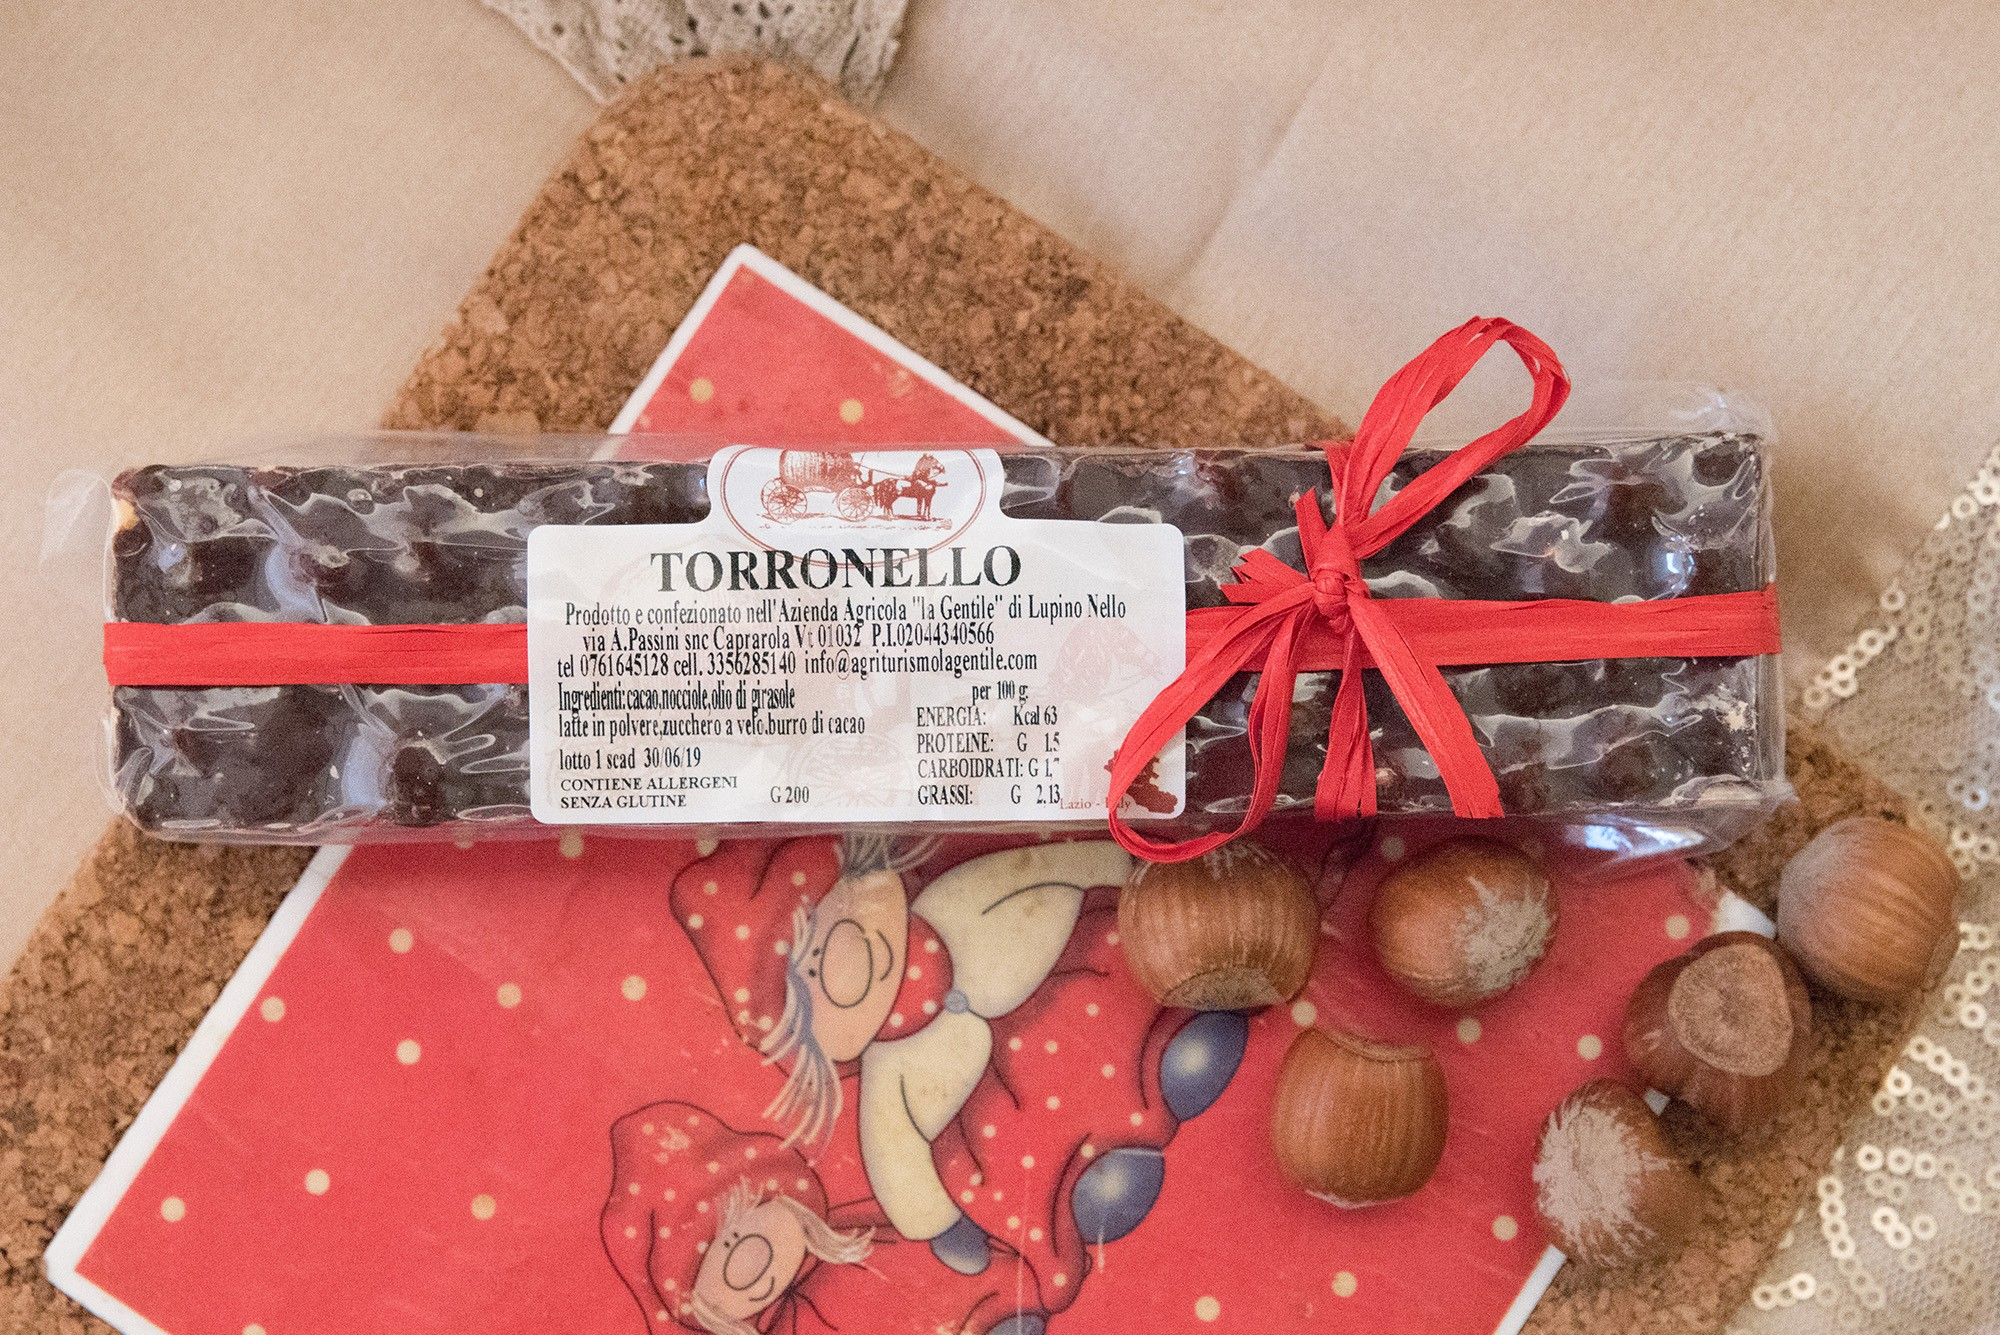 Torronello - Azienda Agricola La Gentile